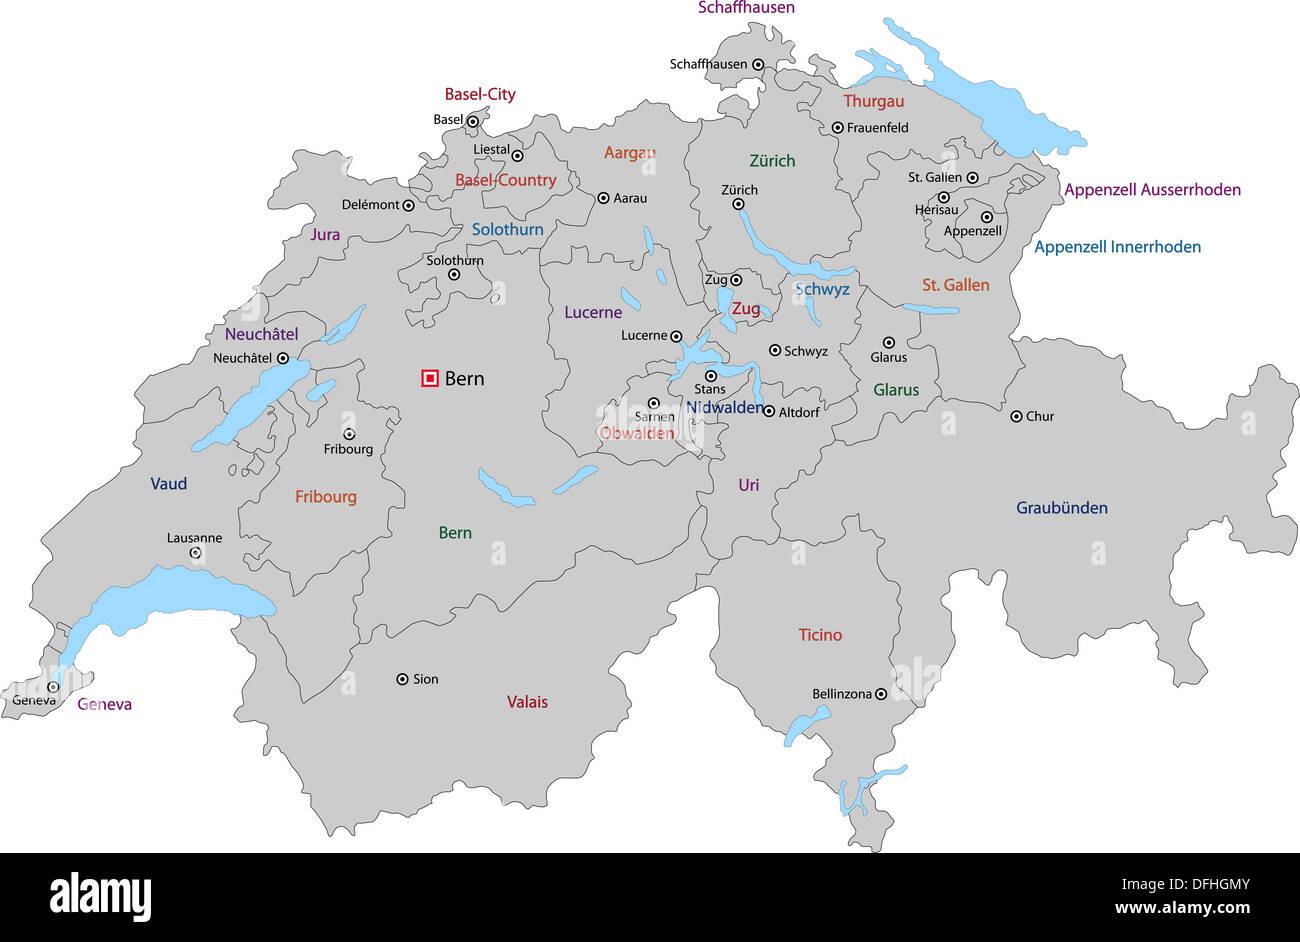 Cartina Della Svizzera.Grigio Cartina Della Svizzera Foto Immagine Stock